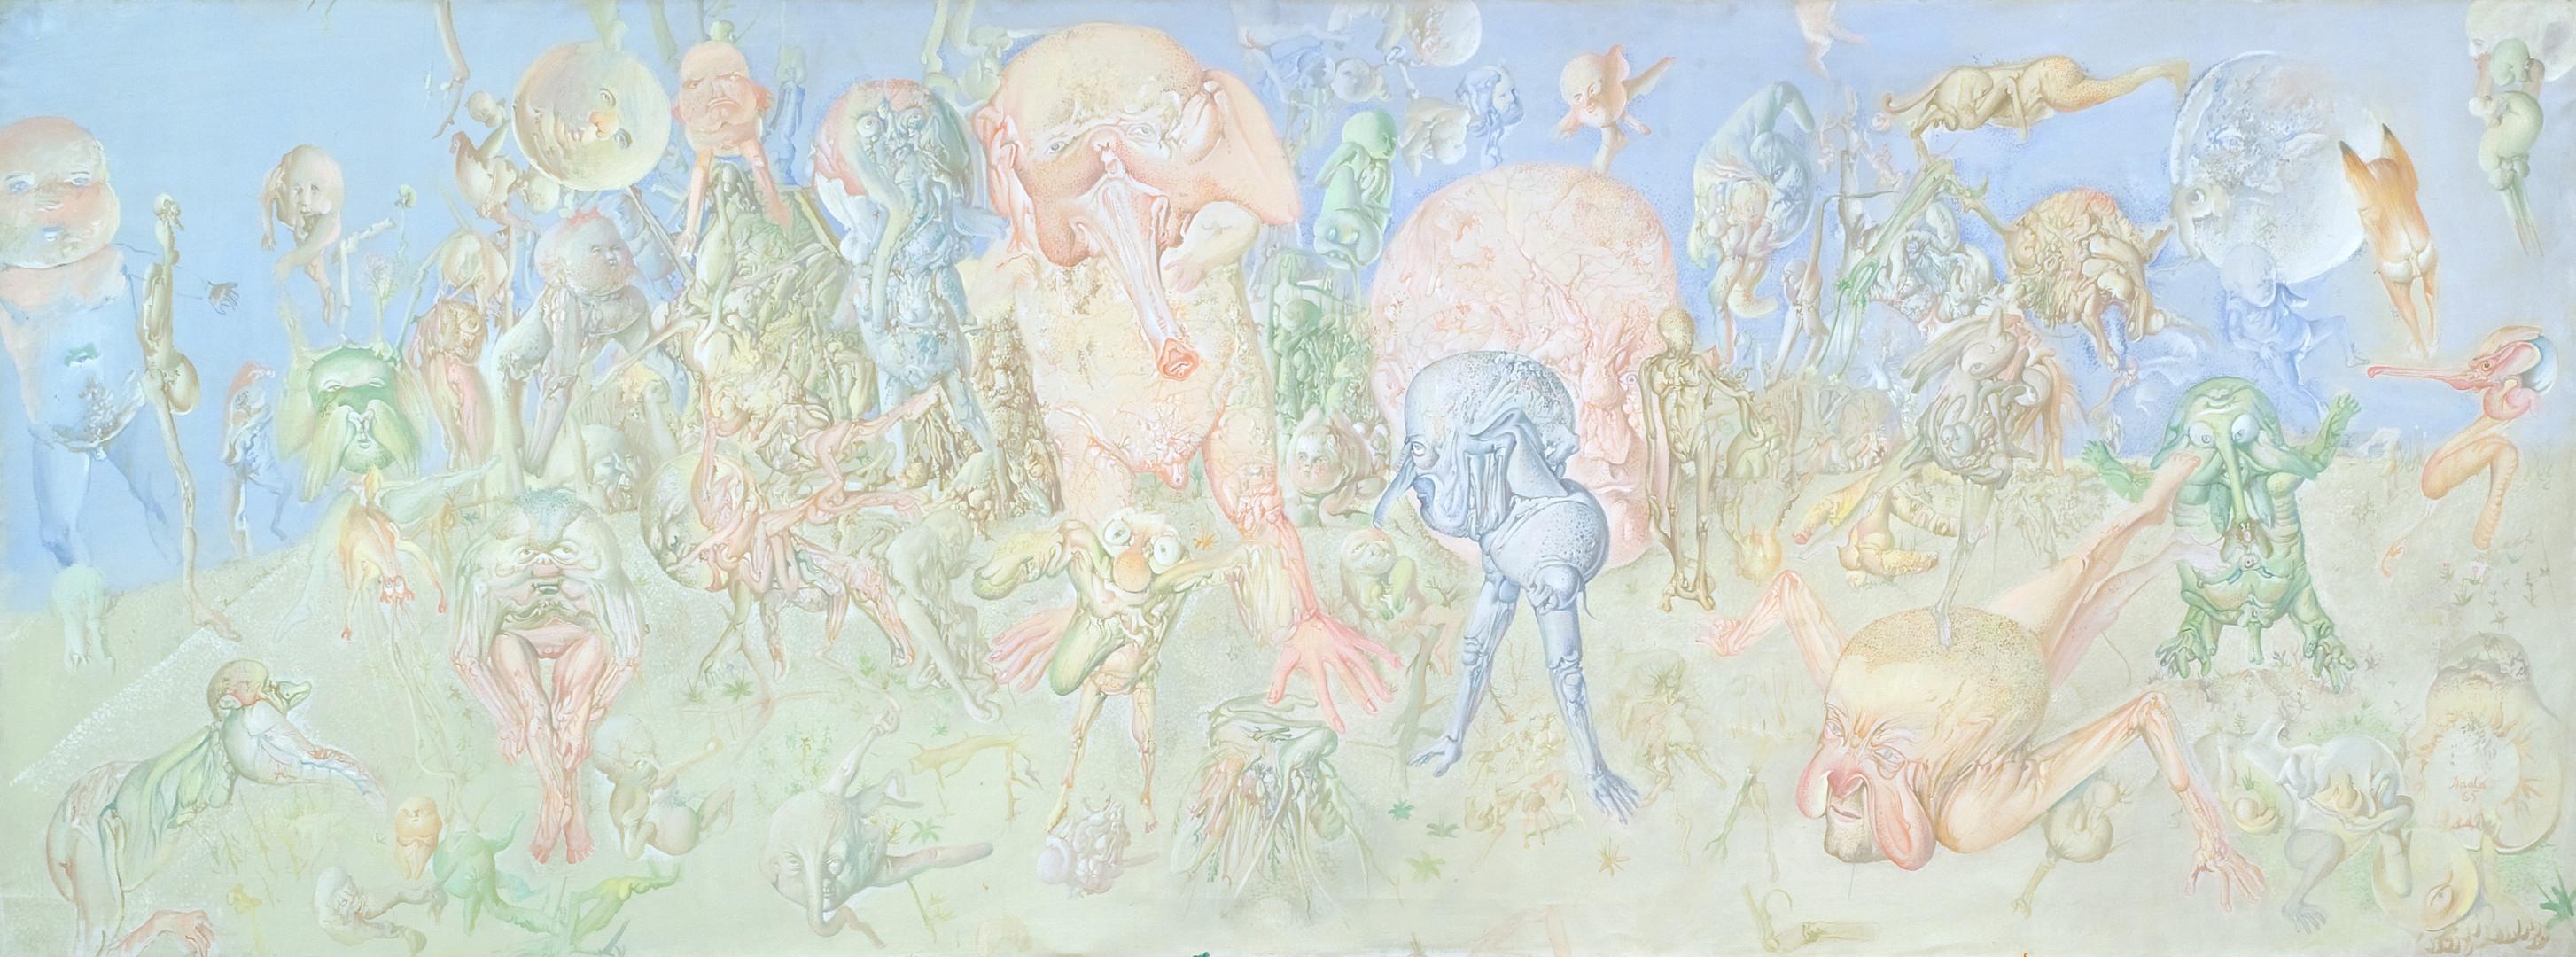 Dado, Les éléphants, 1965